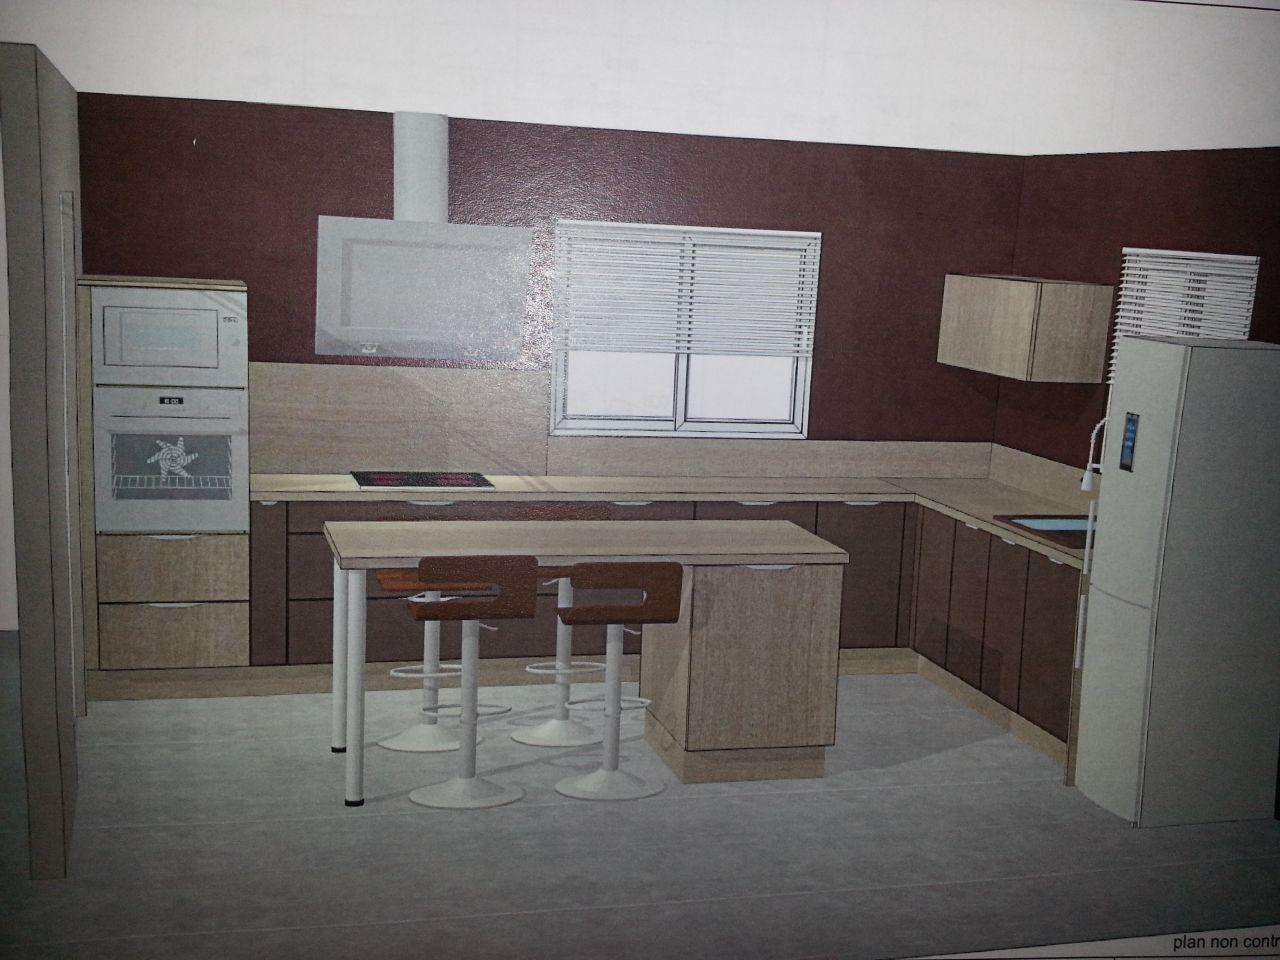 Les projets implantation de vos cuisines 8838 messages - Meuble cuisine cuisinella ...